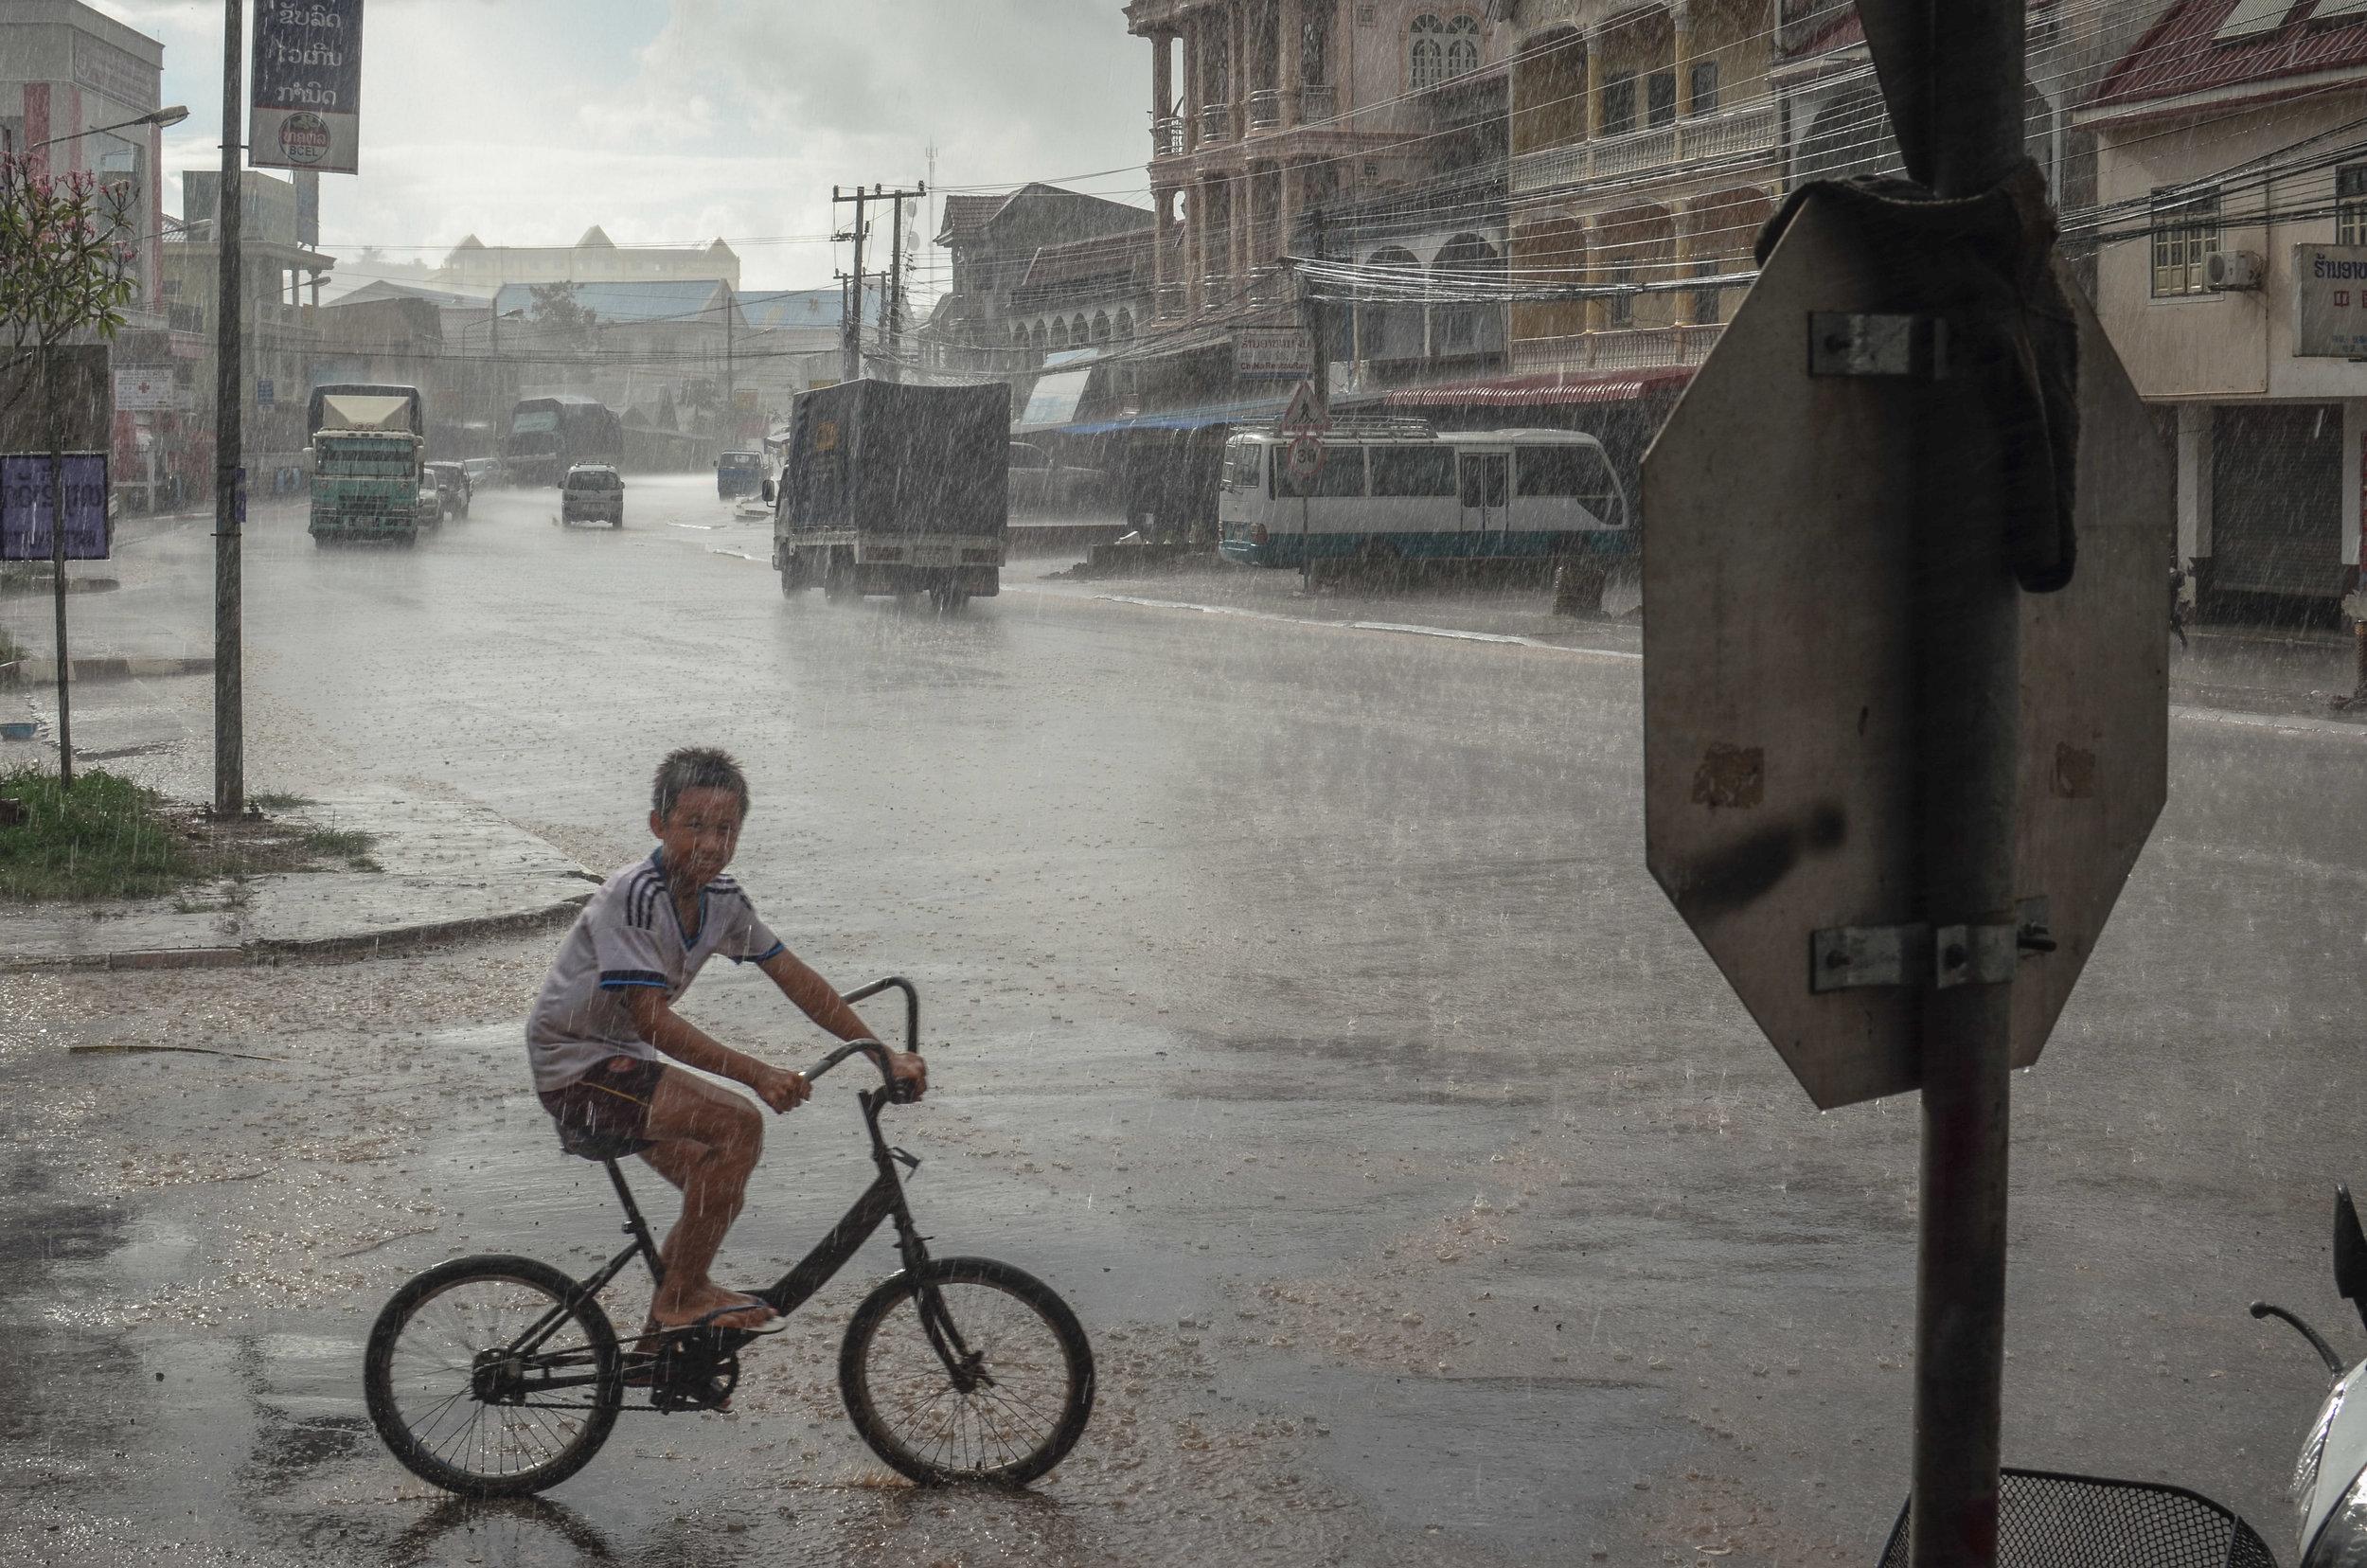 Bicycle in Muang Xai, Laos